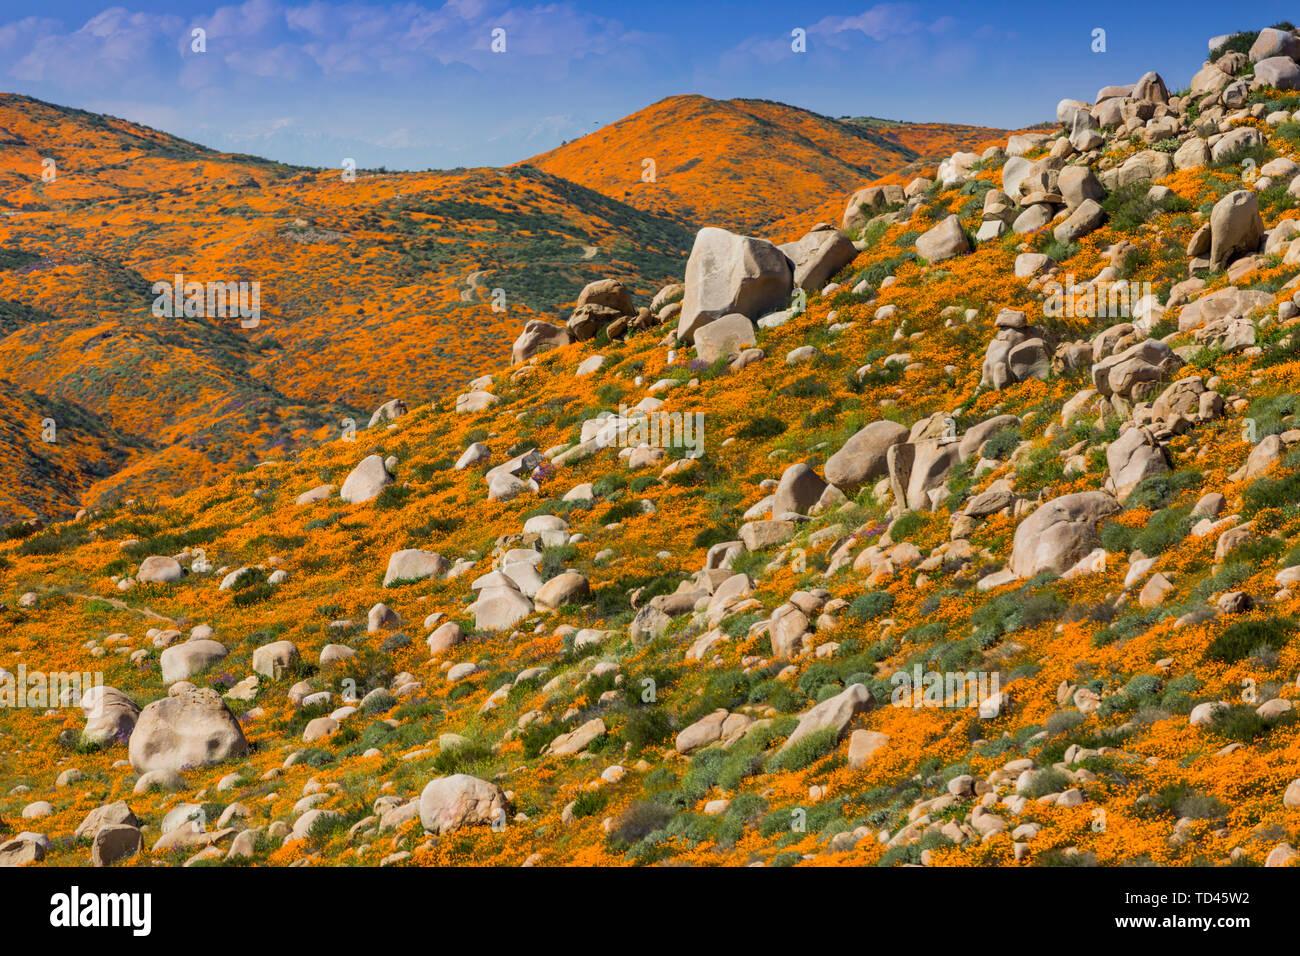 Kalifornien Superbloom, die mohnfelder von Lake Elsinore, Kalifornien, Vereinigte Staaten von Amerika, Nordamerika Stockfoto